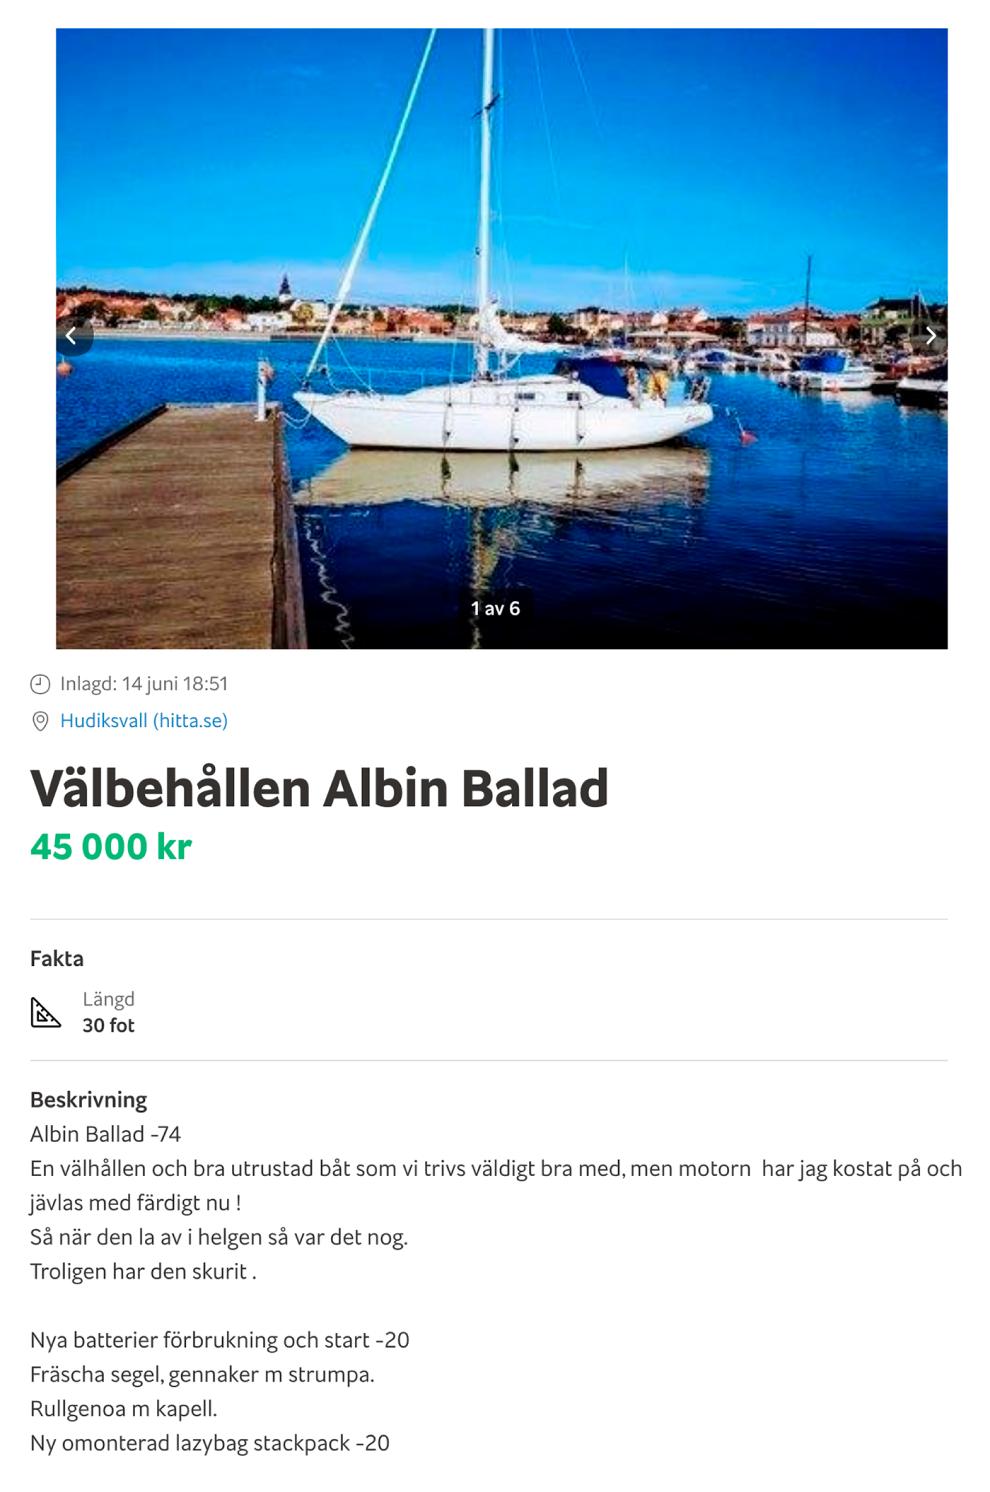 Другой продавец предлагает купить Albin Ballad за 45 000 kr (382 500<span class=ruble>Р</span>). Эта яхта на год старше, чем первая, и в худшем состоянии, поэтому почти в два раза дешевле